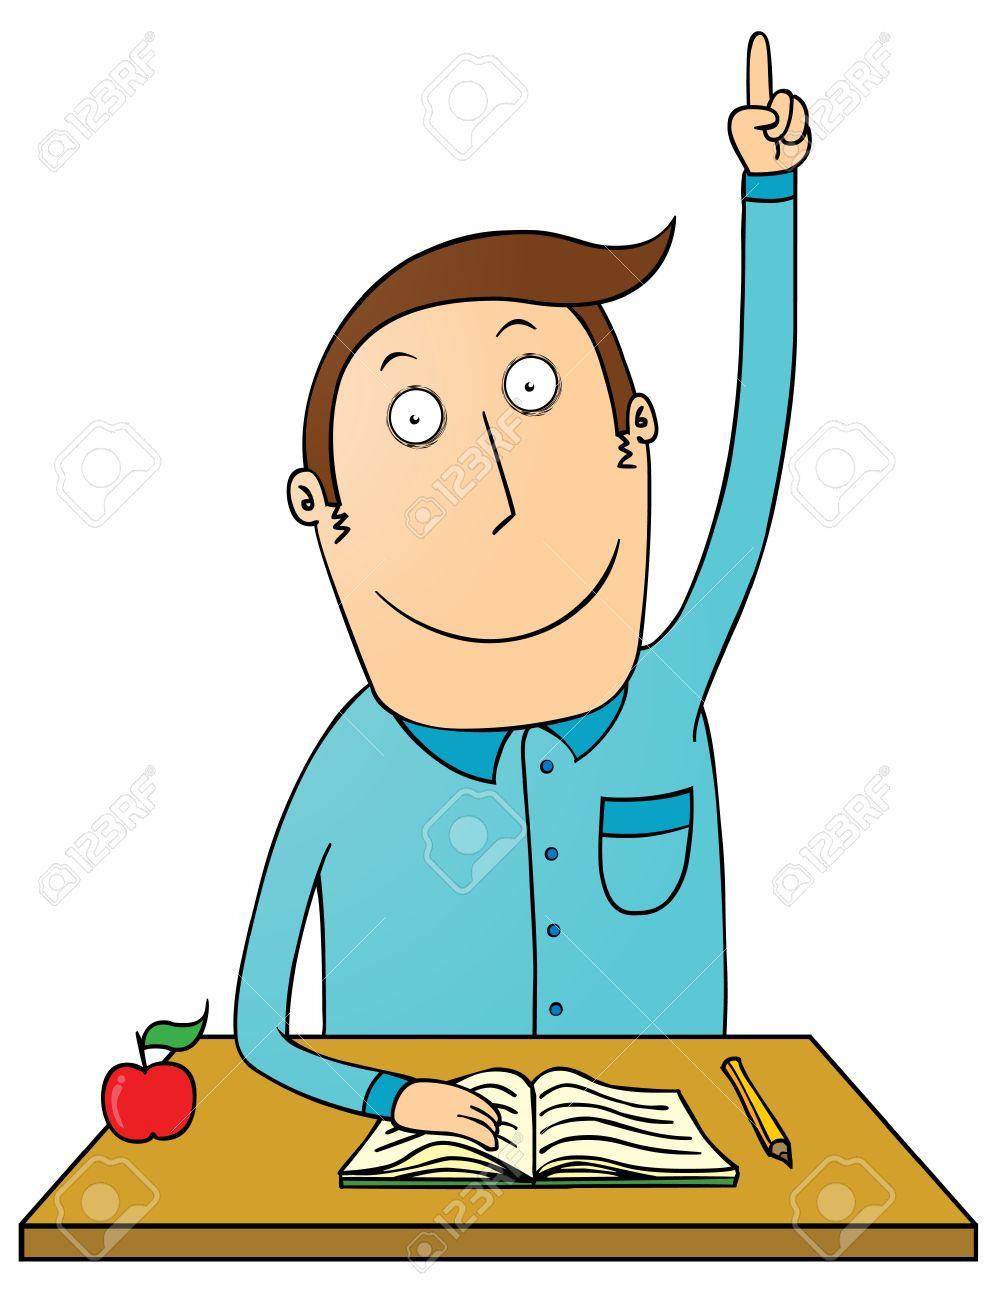 raising hand student - Student Raising Hand Clipart